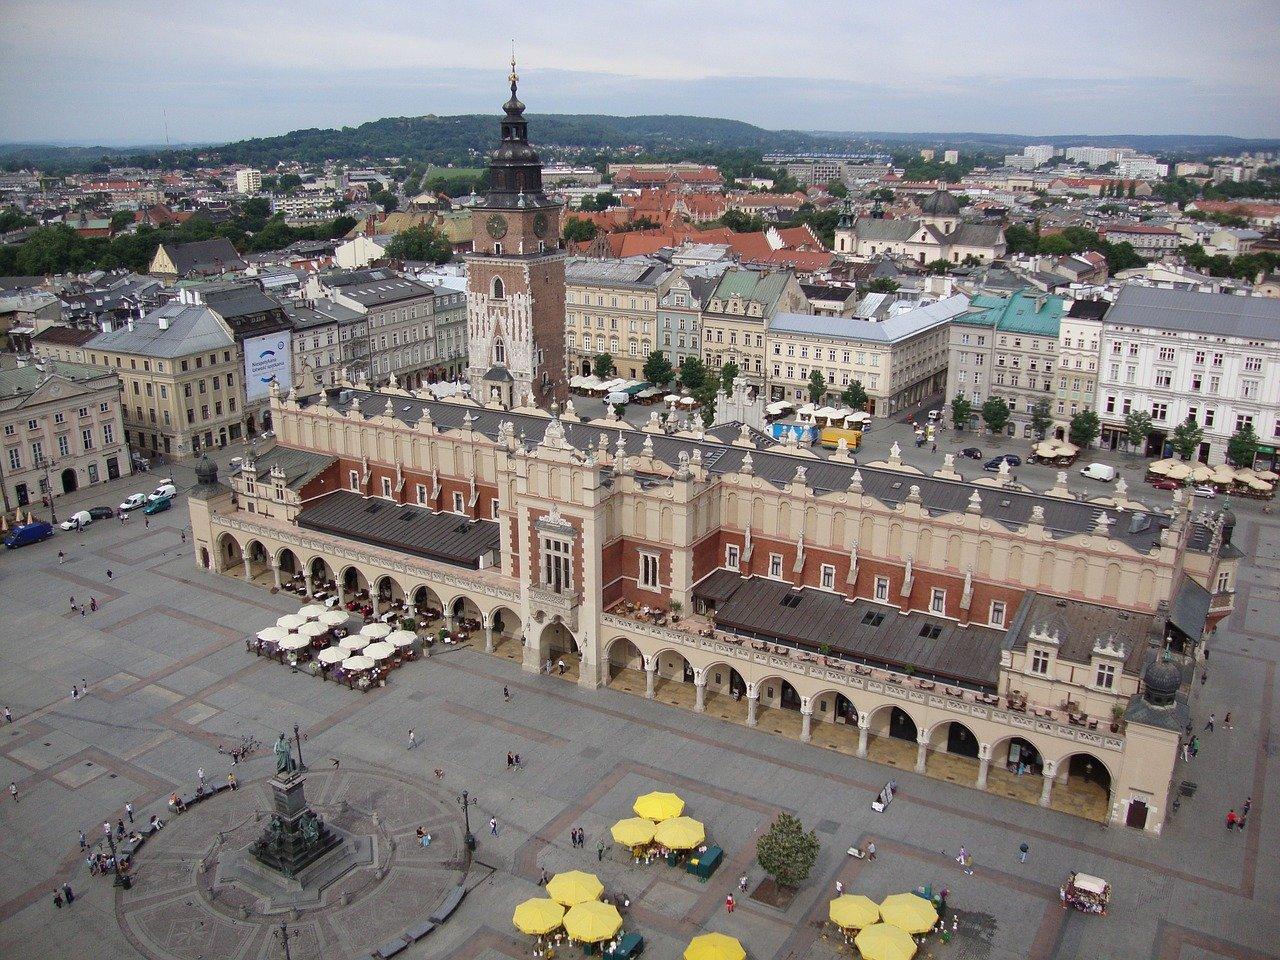 Lista 15 najlepszych atrakcji dla rodzin z dziećmi, które musi zobaczyć każdy turysta, odwiedzający Kraków.